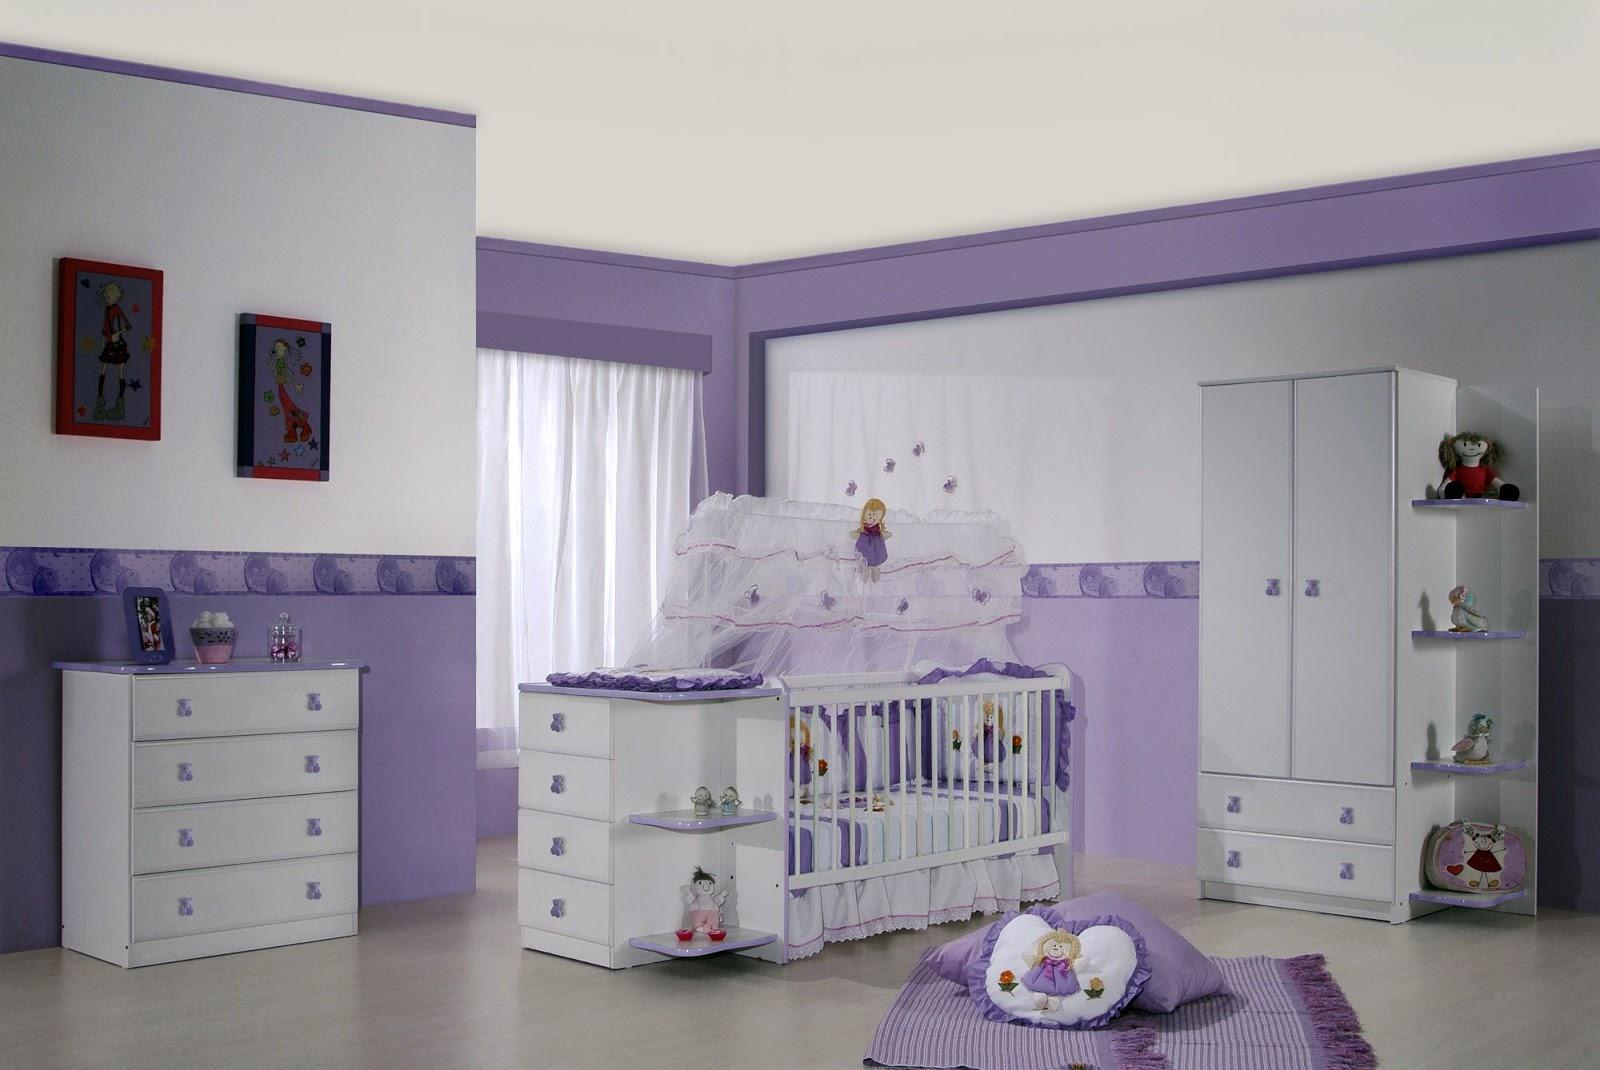 meu doce lar  Decoração de quarto para bebê